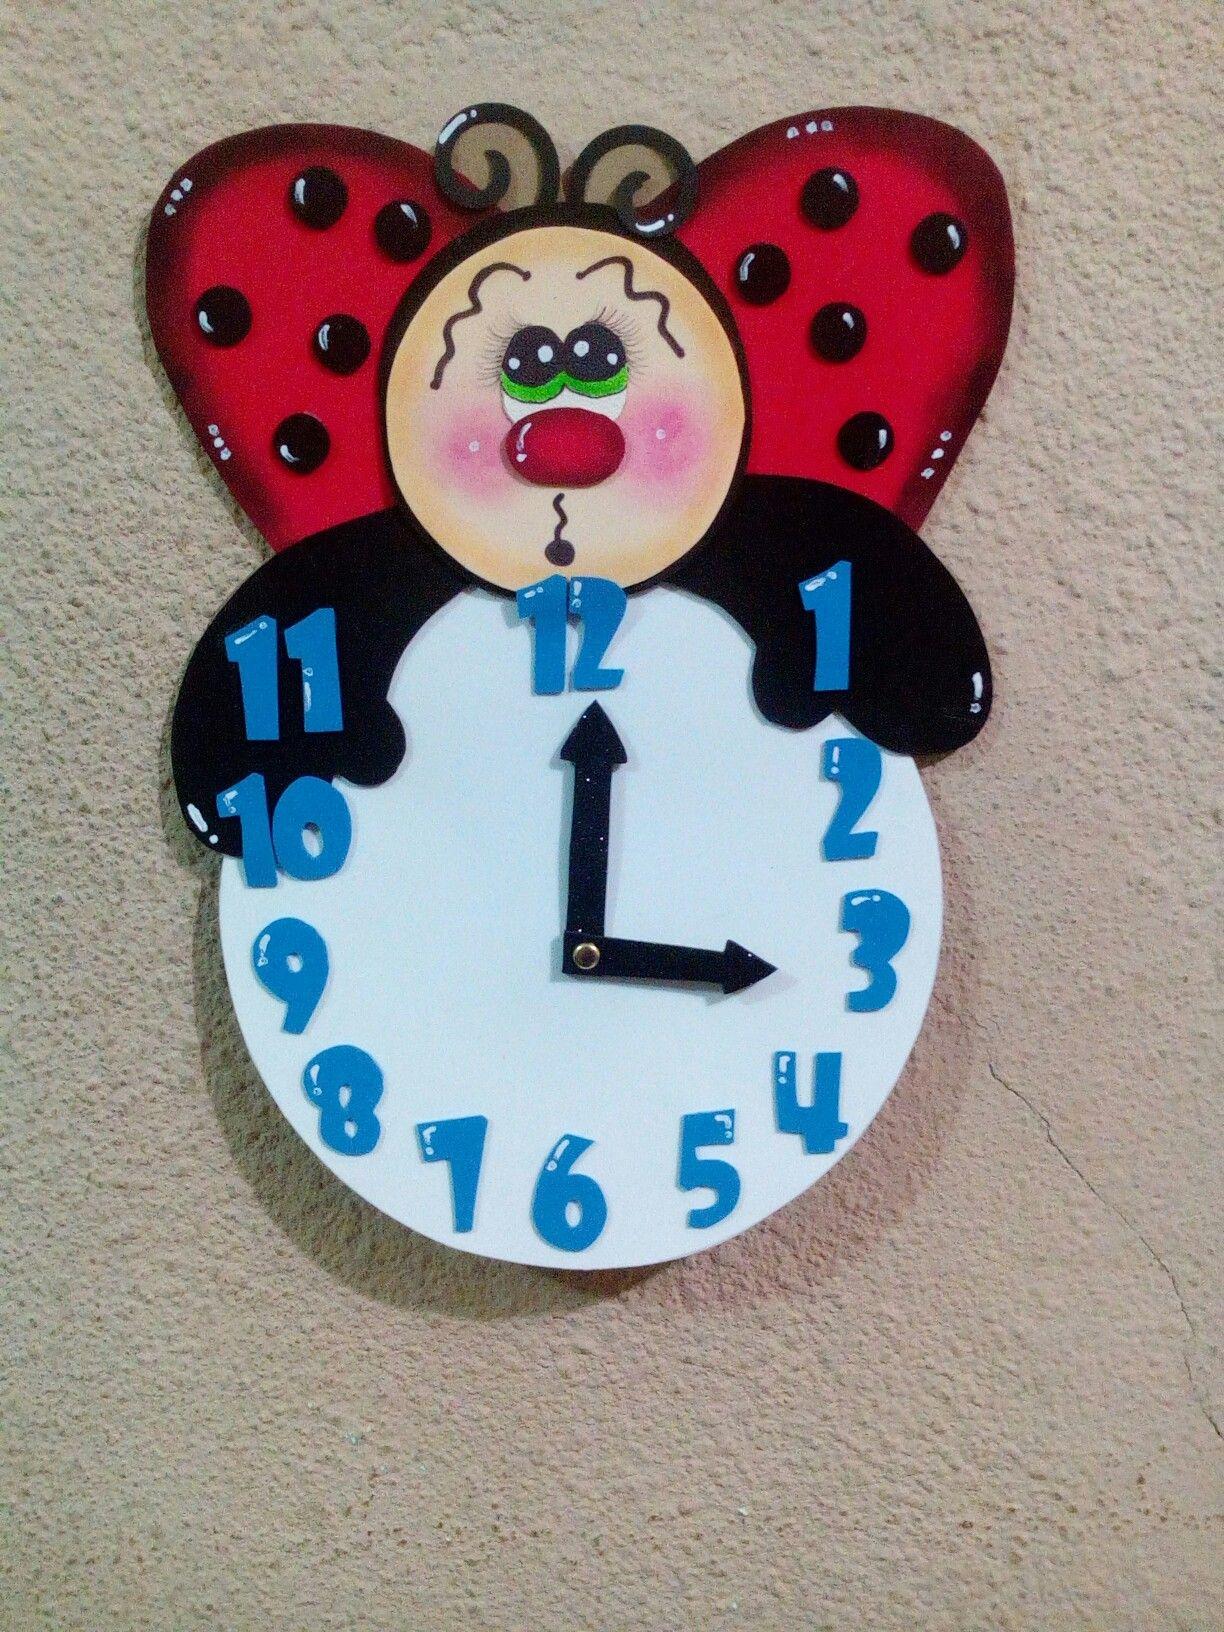 Relojes infantiles manualidades mu ecas y m s manualidades lindas manualidades y lindo - Manualidades relojes infantiles ...